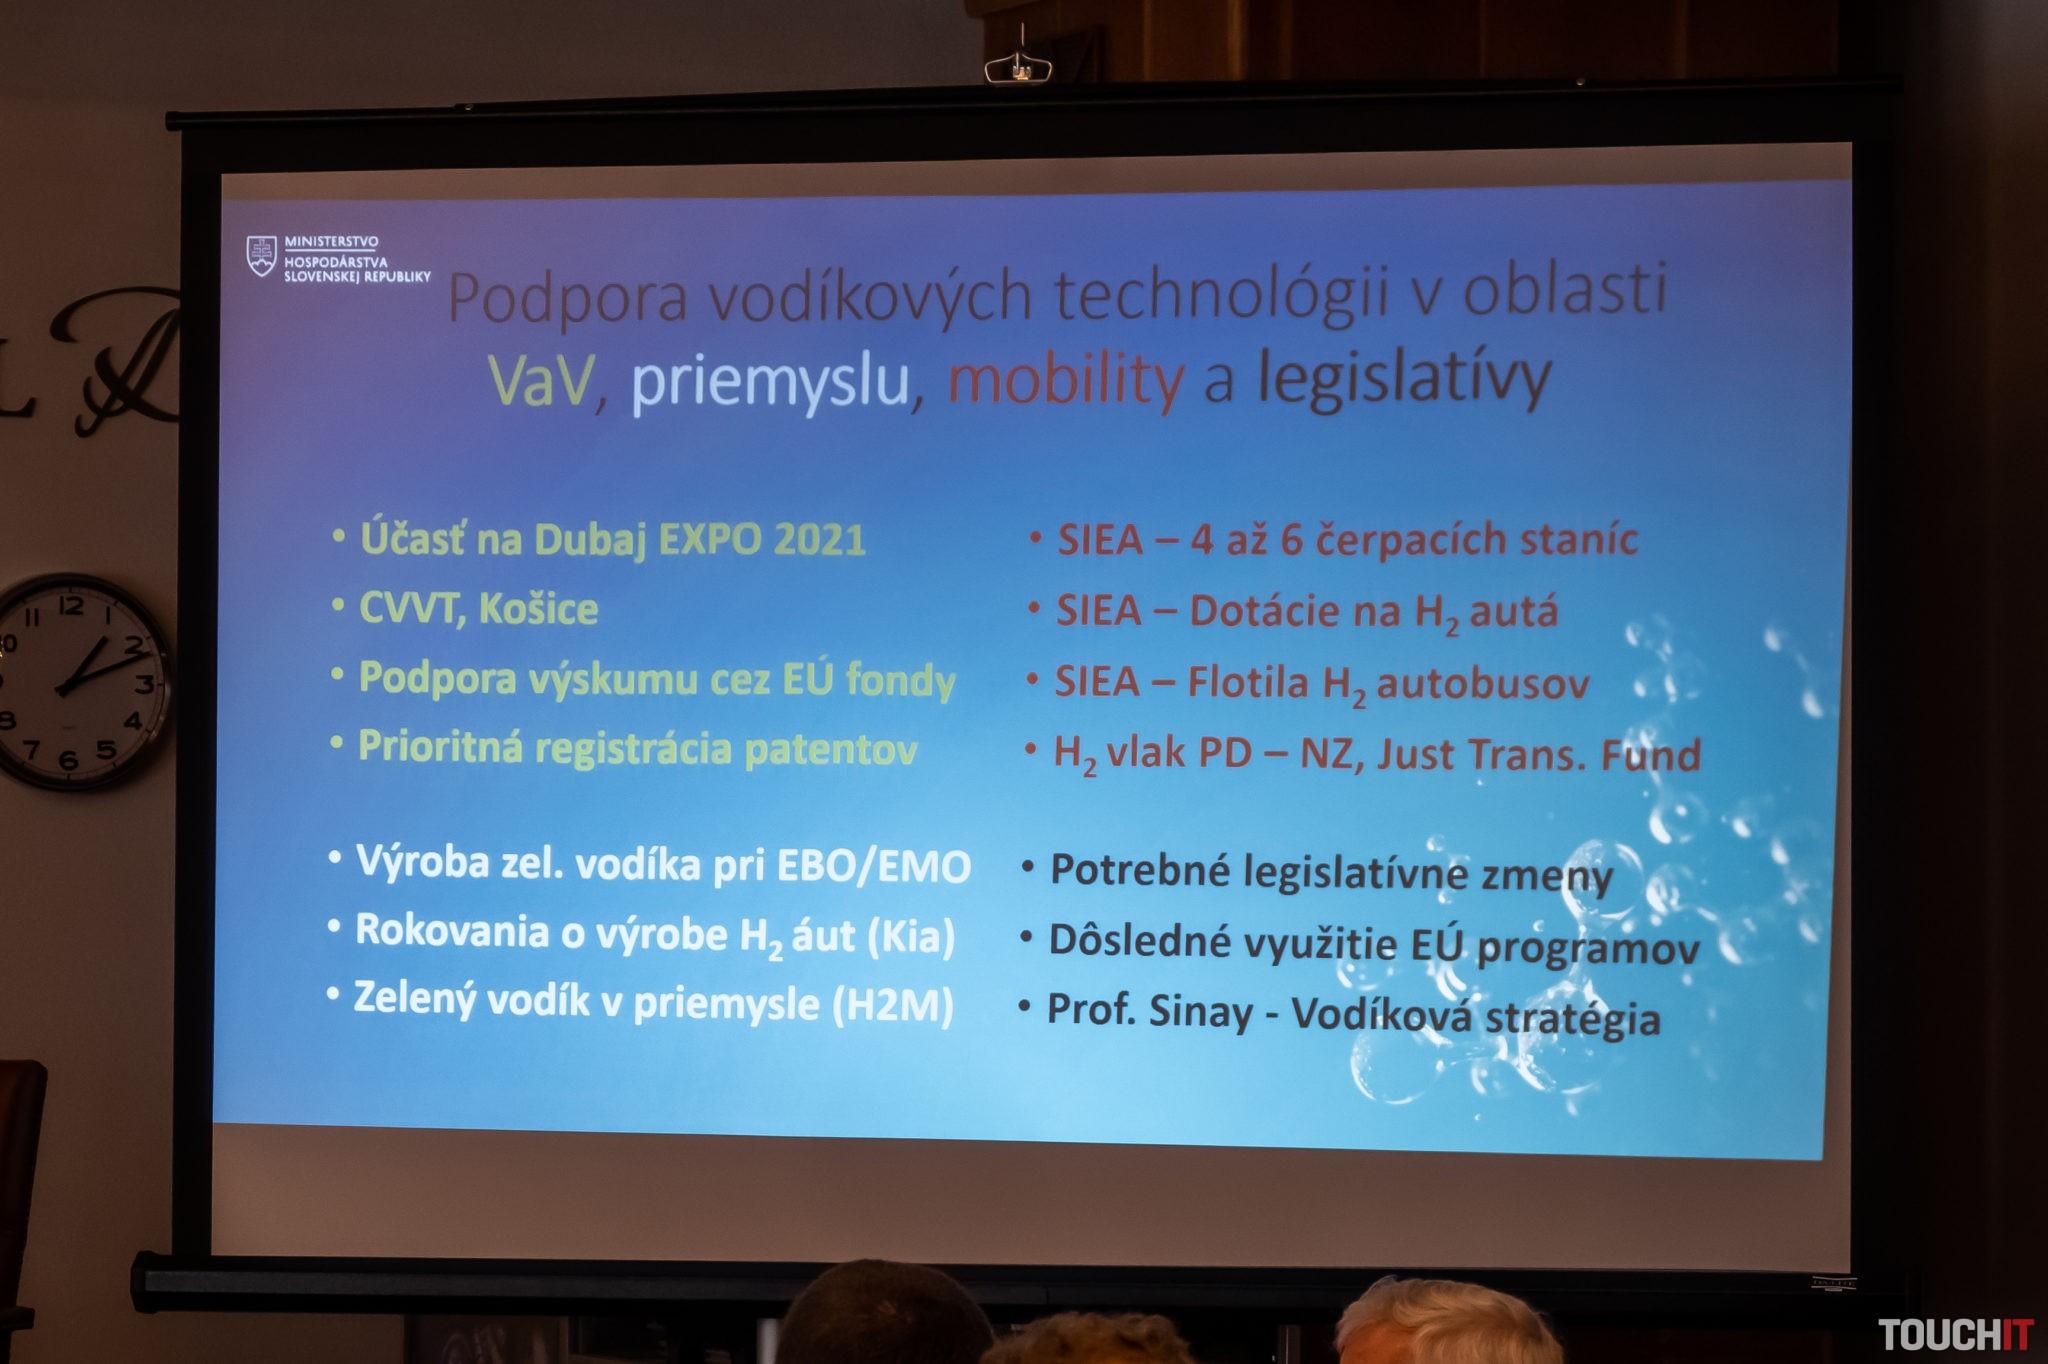 Akčný plán Richarda Sulíka pri tom, ako sa zo slovenska stane vodíková veľmoc